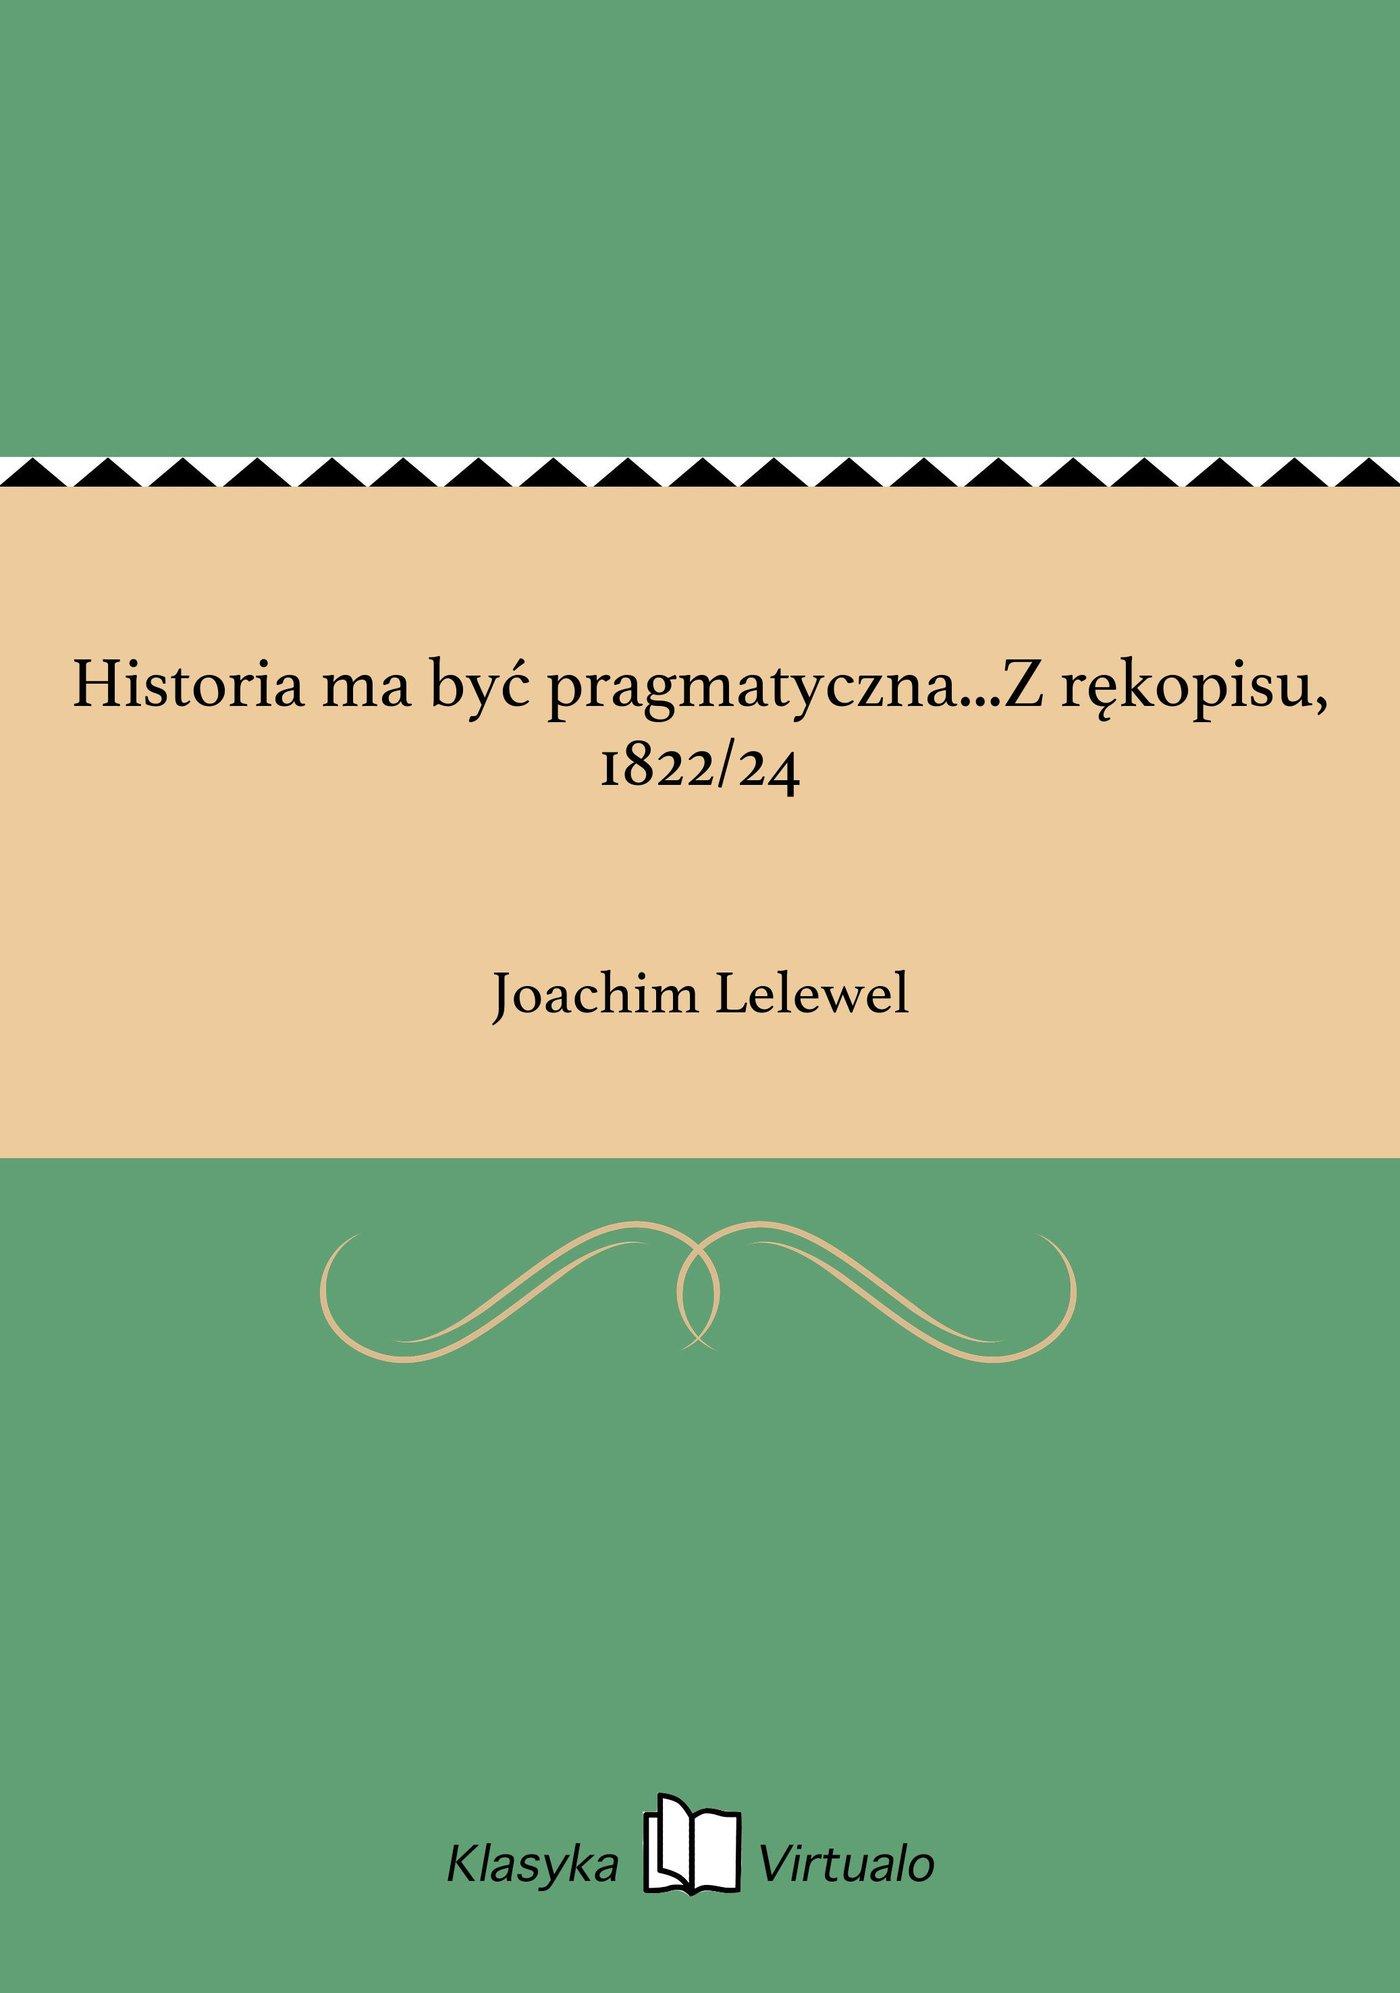 Historia ma być pragmatyczna...Z rękopisu, 1822/24 - Ebook (Książka EPUB) do pobrania w formacie EPUB